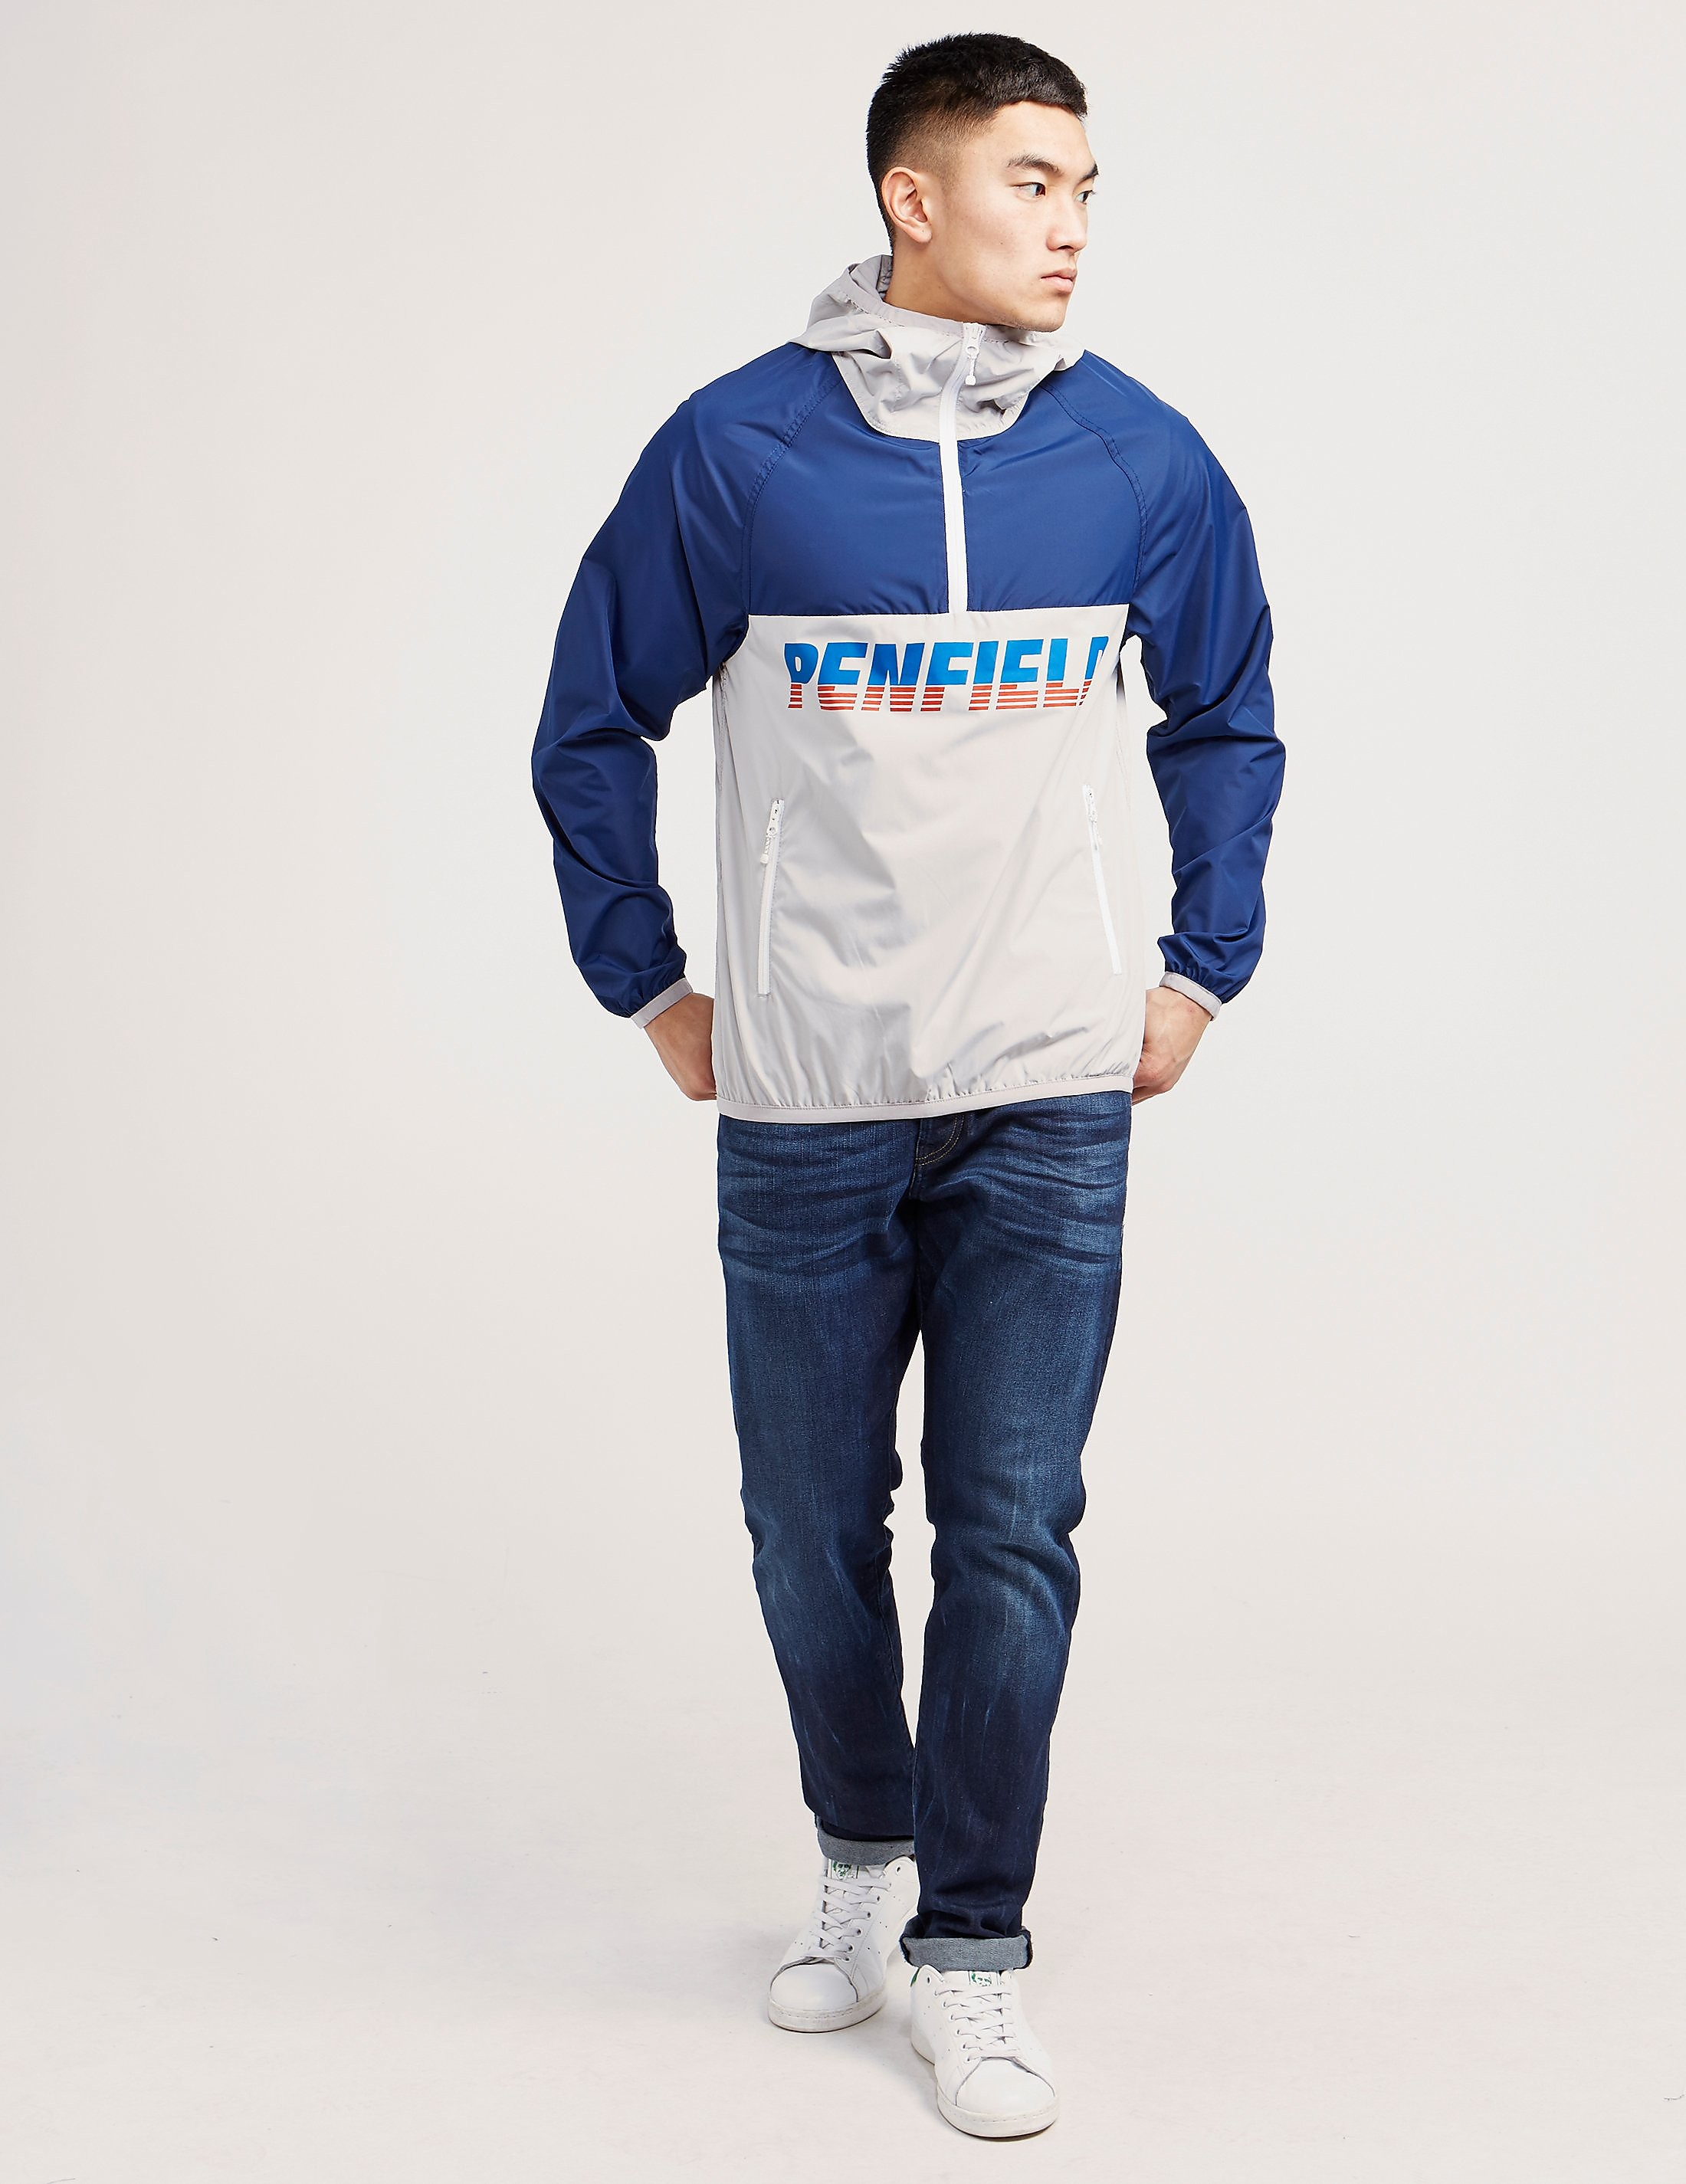 Penfield Lightweight Block Jacket